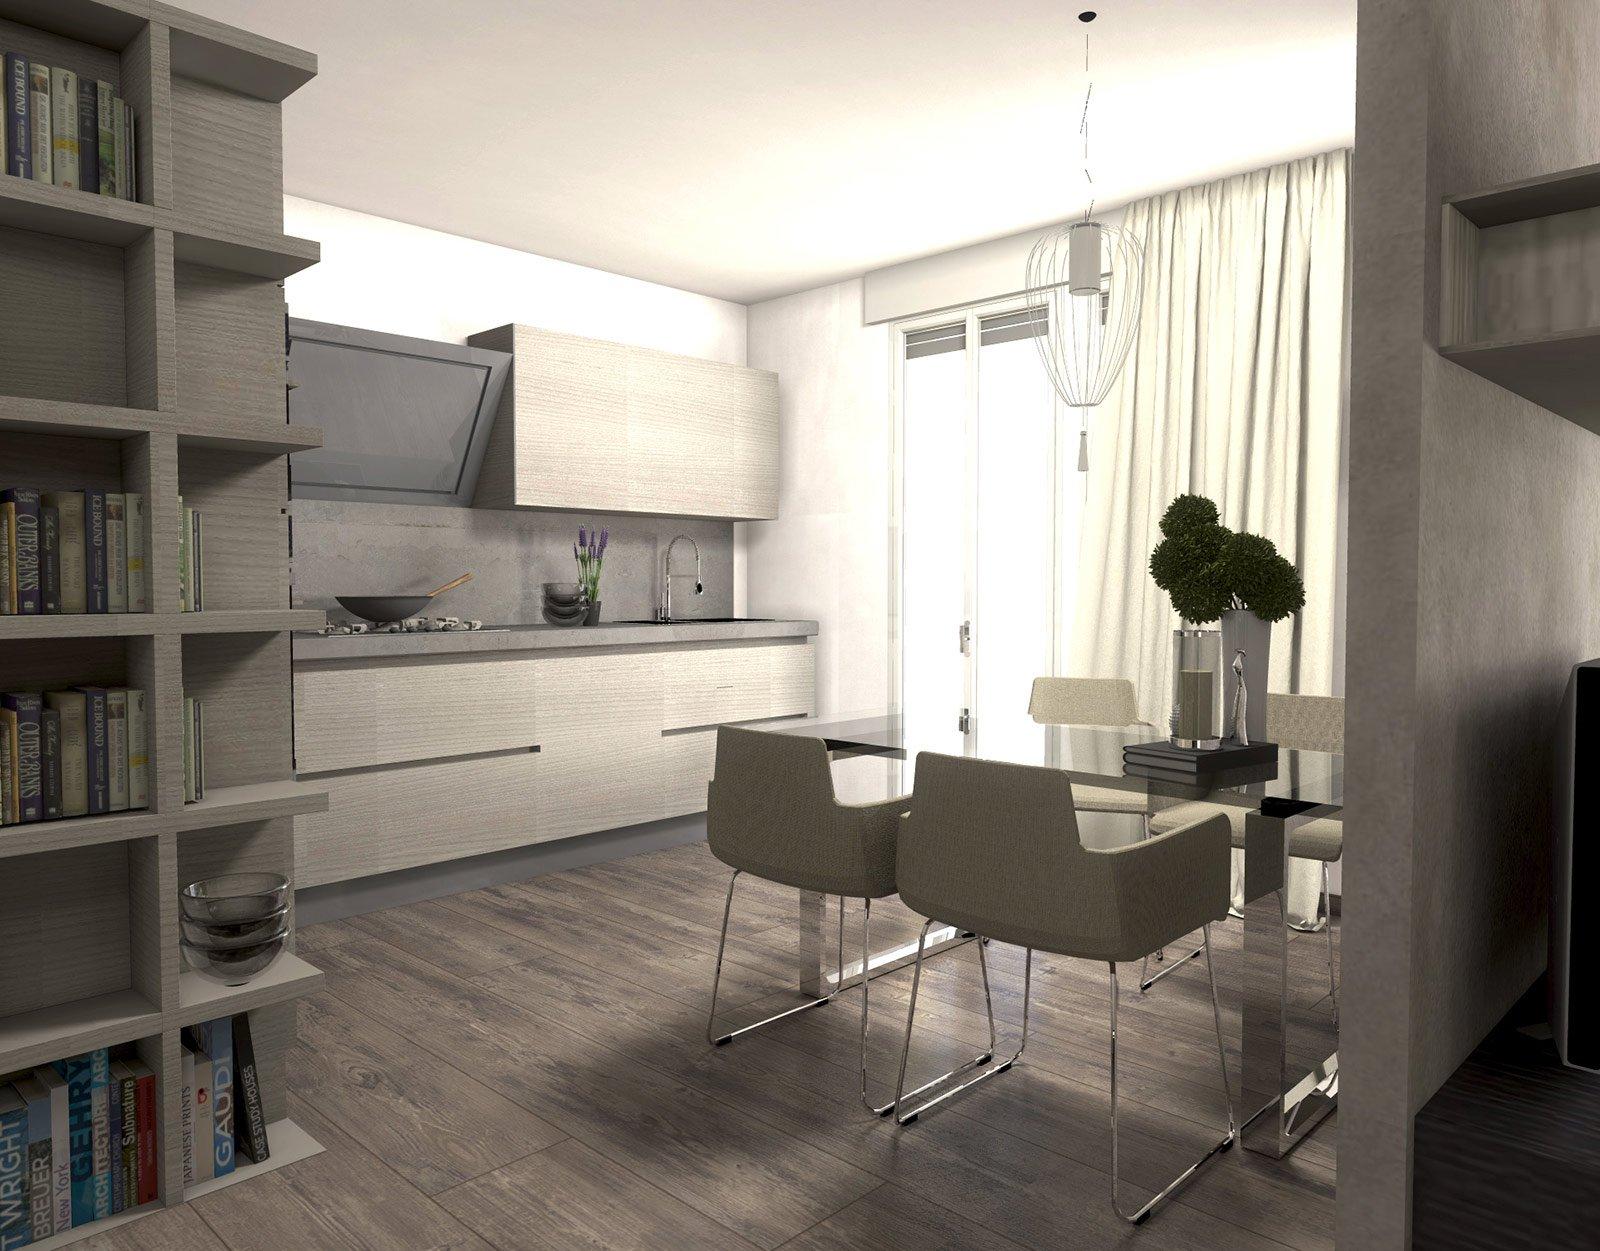 Cartongesso Cucina Soggiorno: Separare cucina e soggiorno con un ...